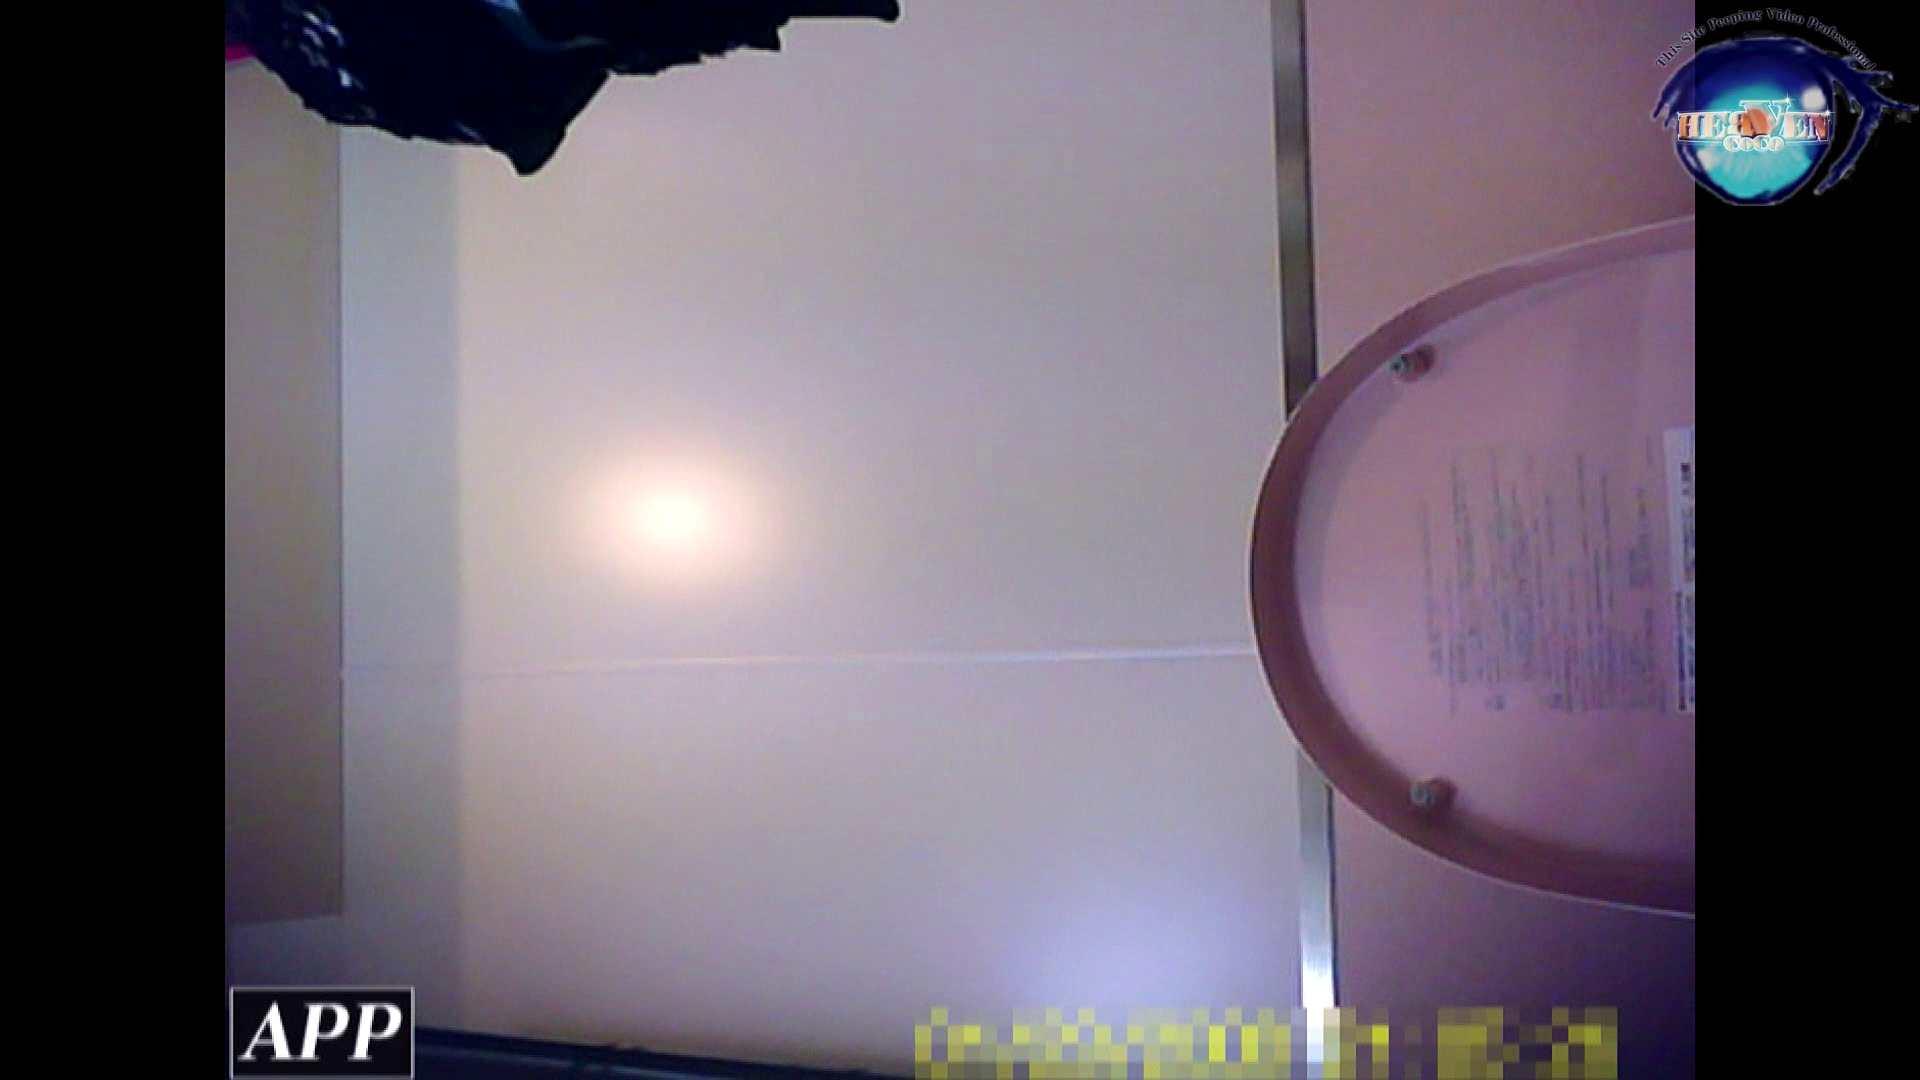 三つ目で盗撮 vol.19 モロだしオマンコ 盗み撮り動画キャプチャ 82pic 53